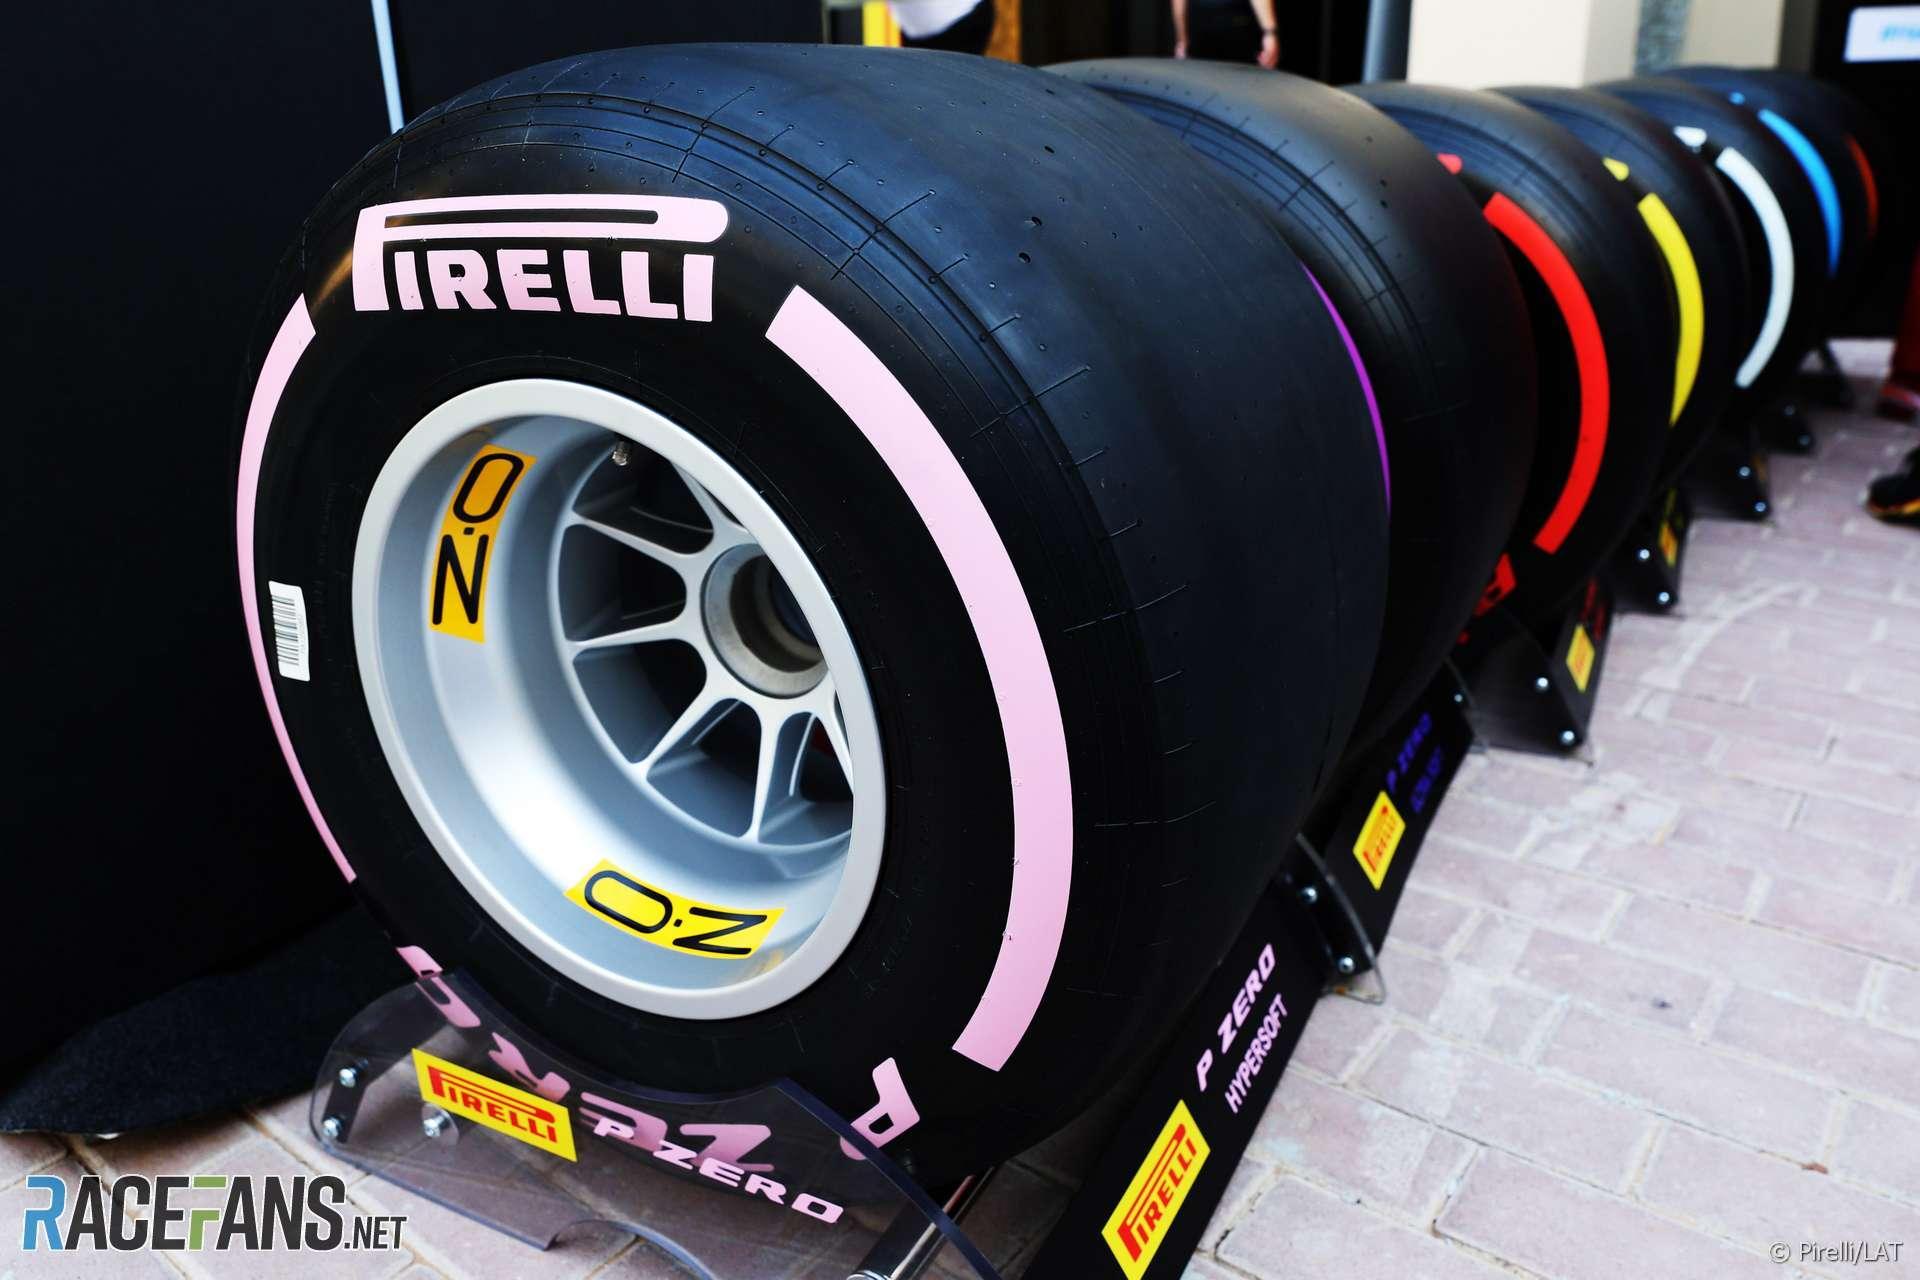 Пирелли не планирует расширять диапазон сликов для Формулы-1